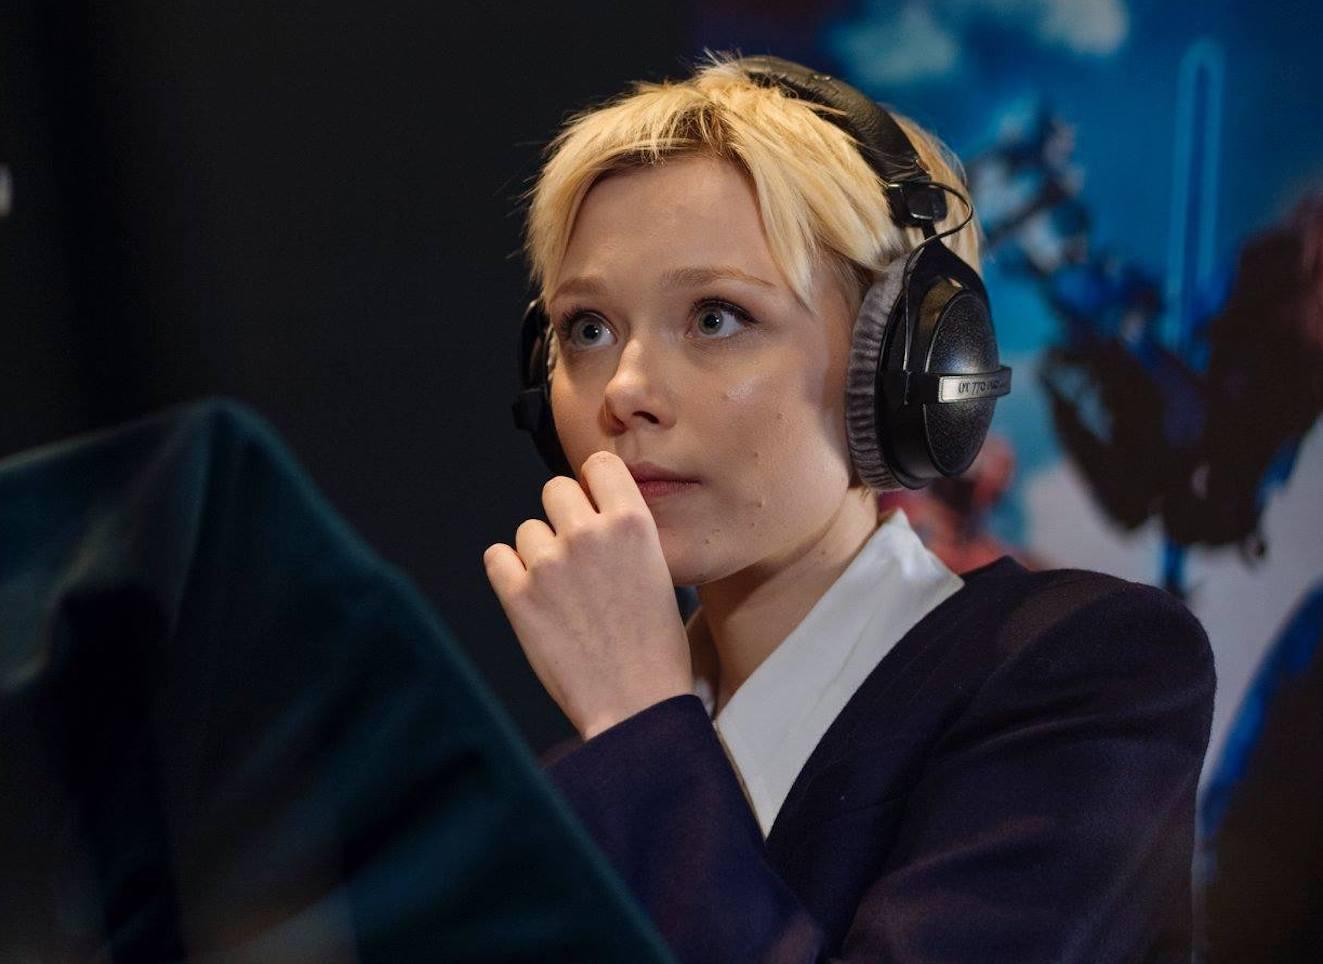 Ukraїnka zigrala v golivudśkomu blokbasteri j ozvučyla svoju roľ dlja ukraїnśkogo kinoprokatu